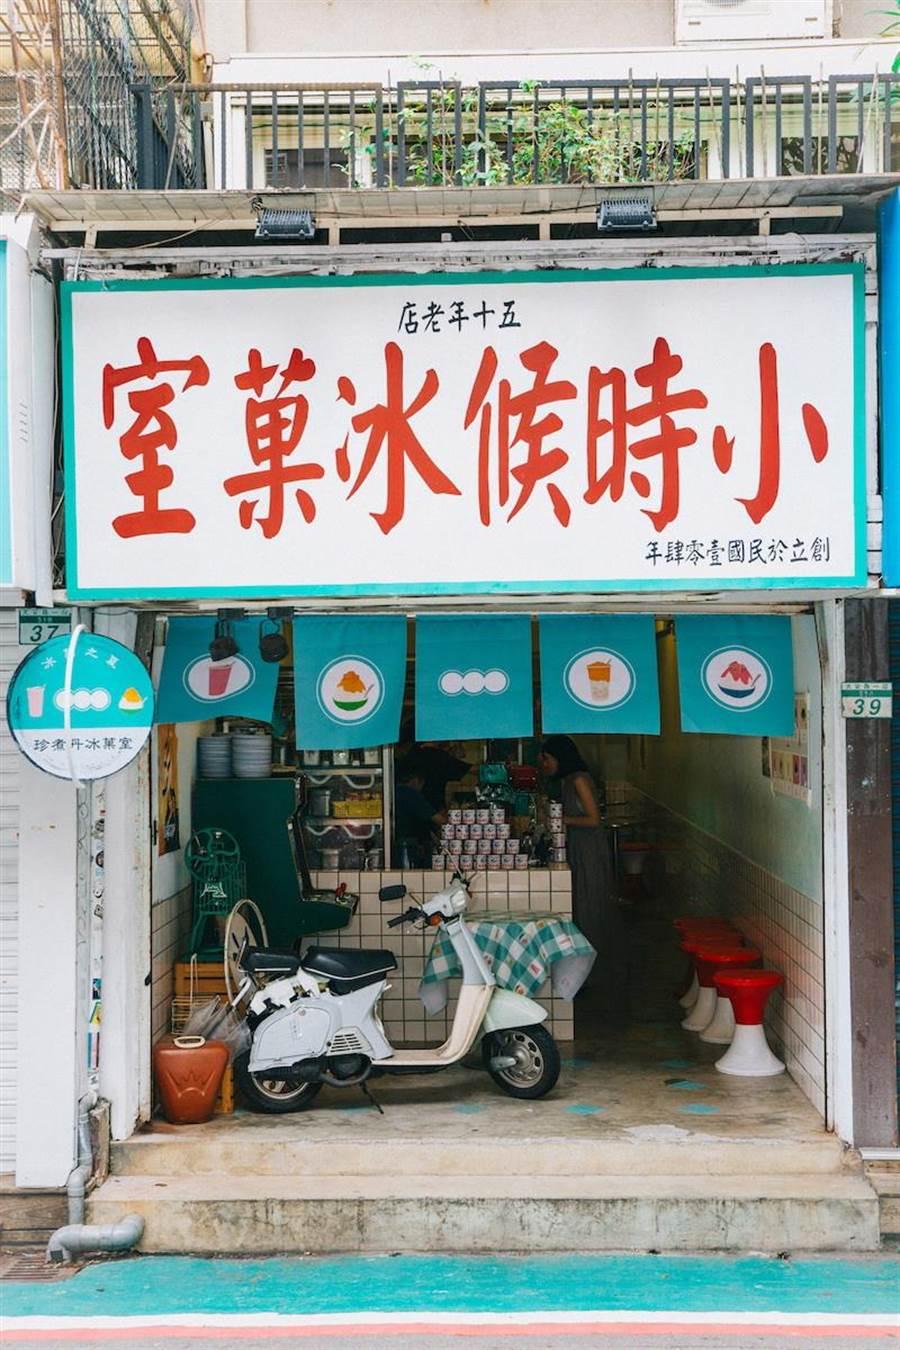 (珍煮丹攜手小時候冰菓室開期間限定店,並復刻經典「夏日台味」。圖/珍煮丹)